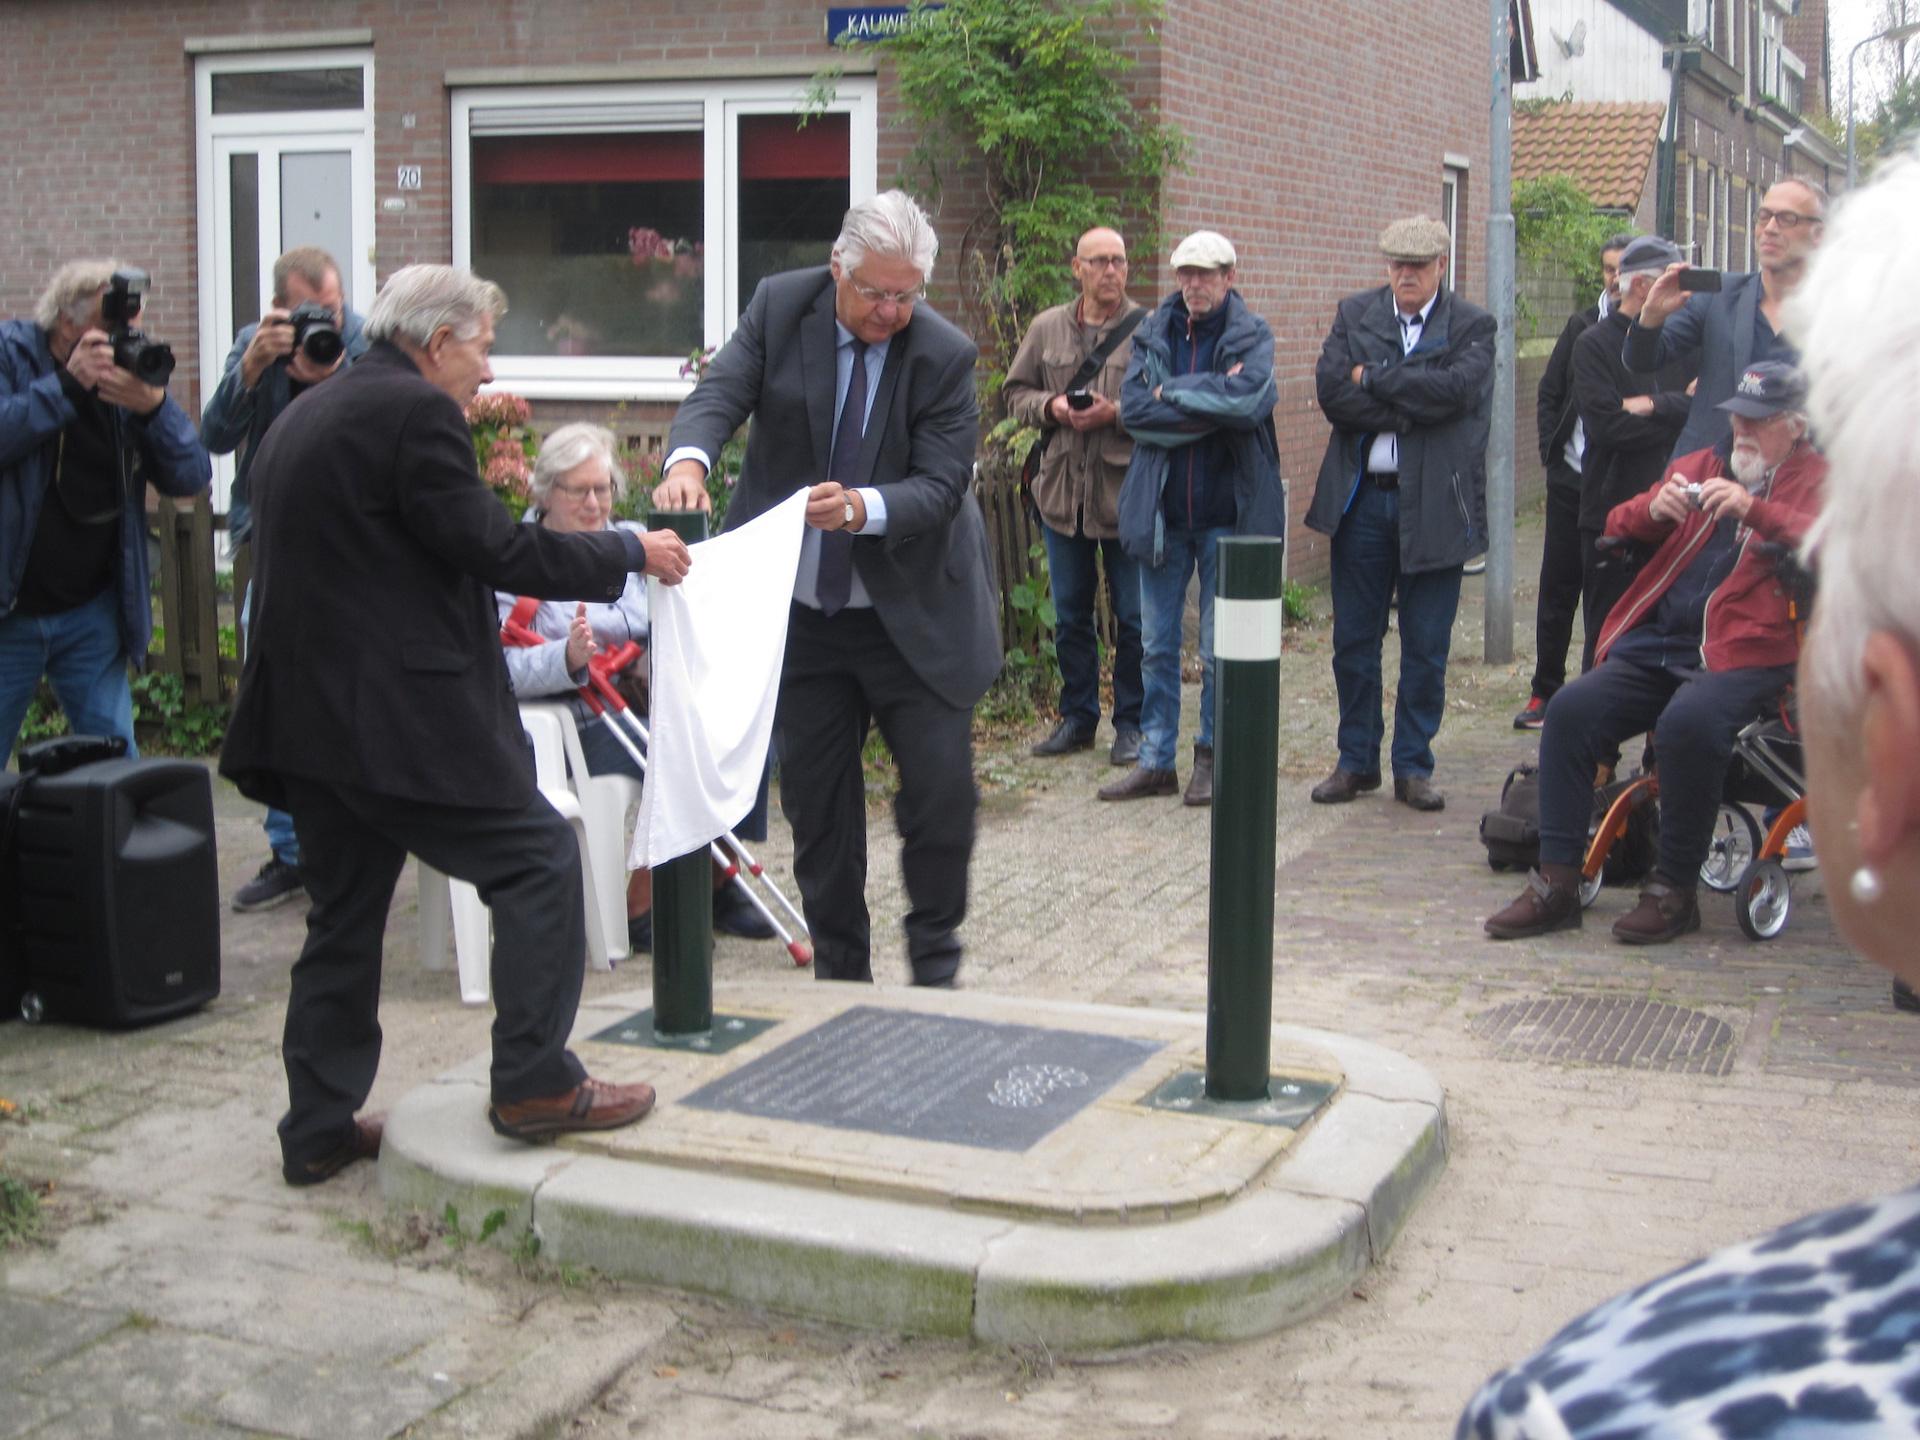 Burgemeester Vreeman (met bril) onthulde samen met Wim Nieuwenhuyse de plaquette door een doek weg te halen. (Foto: Harry Homma)